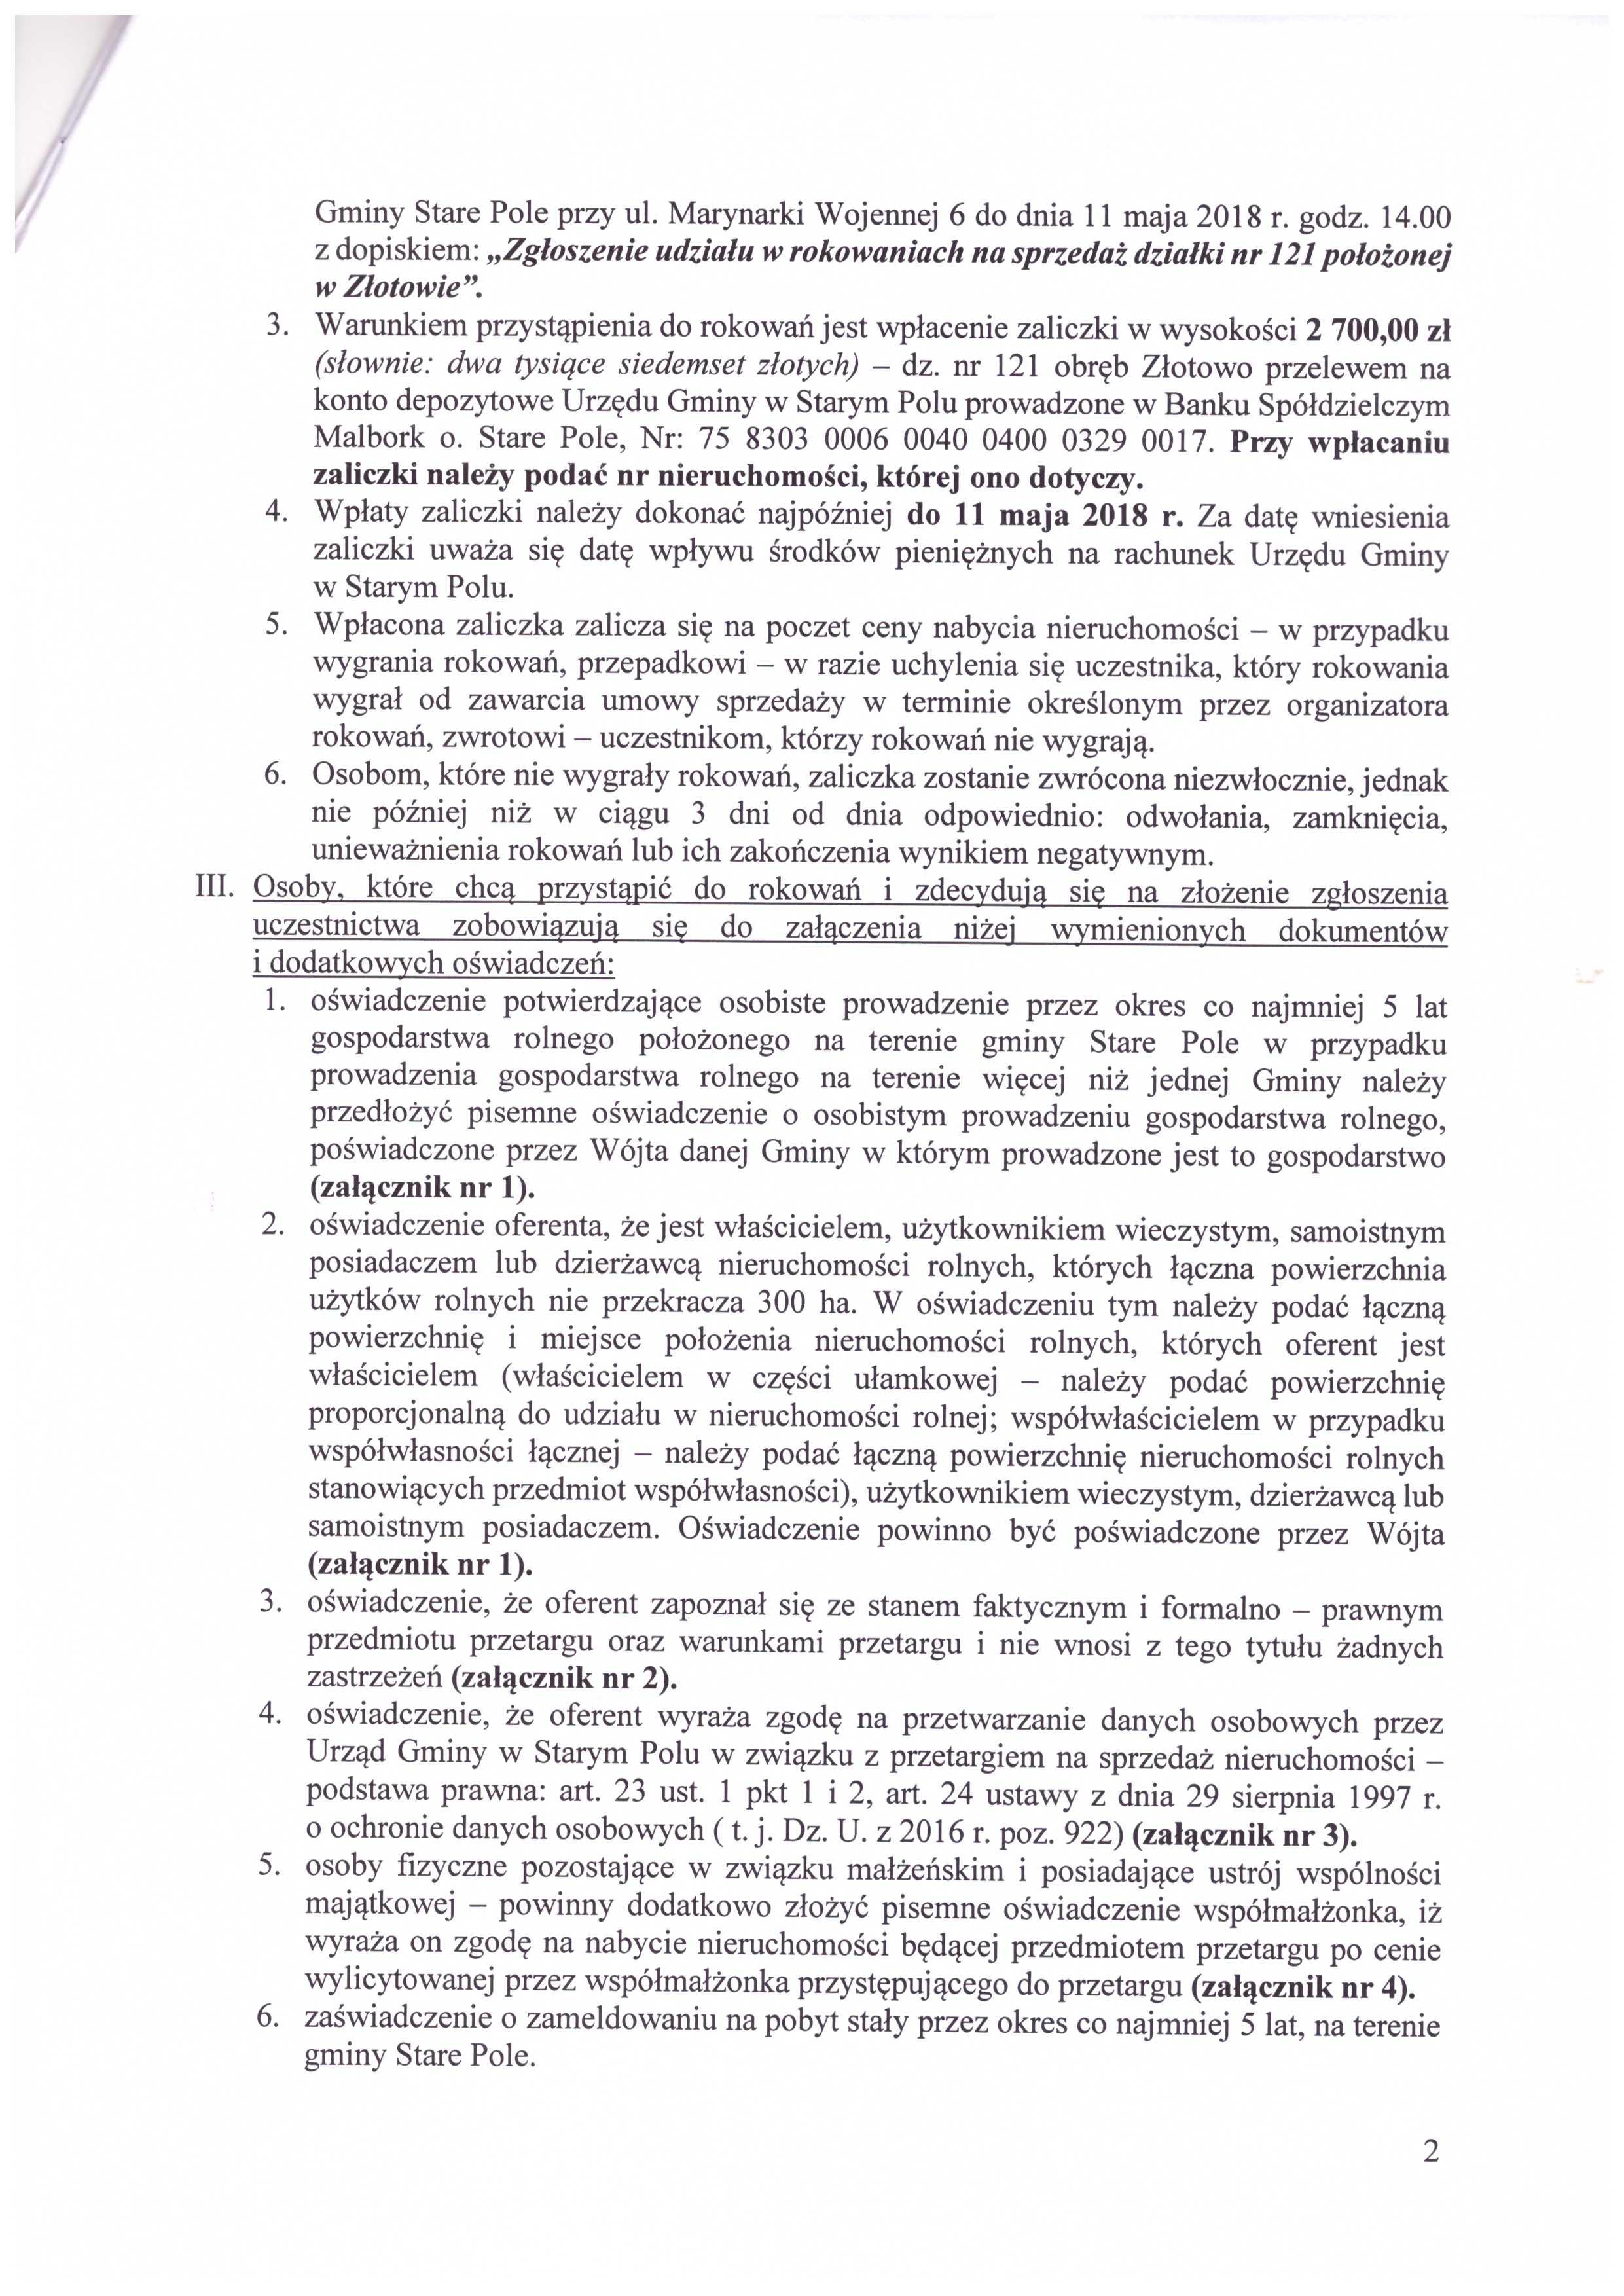 Ogłoszenie z dnia 11 kwietnia 2018 r. o rokowaniach - str. 2